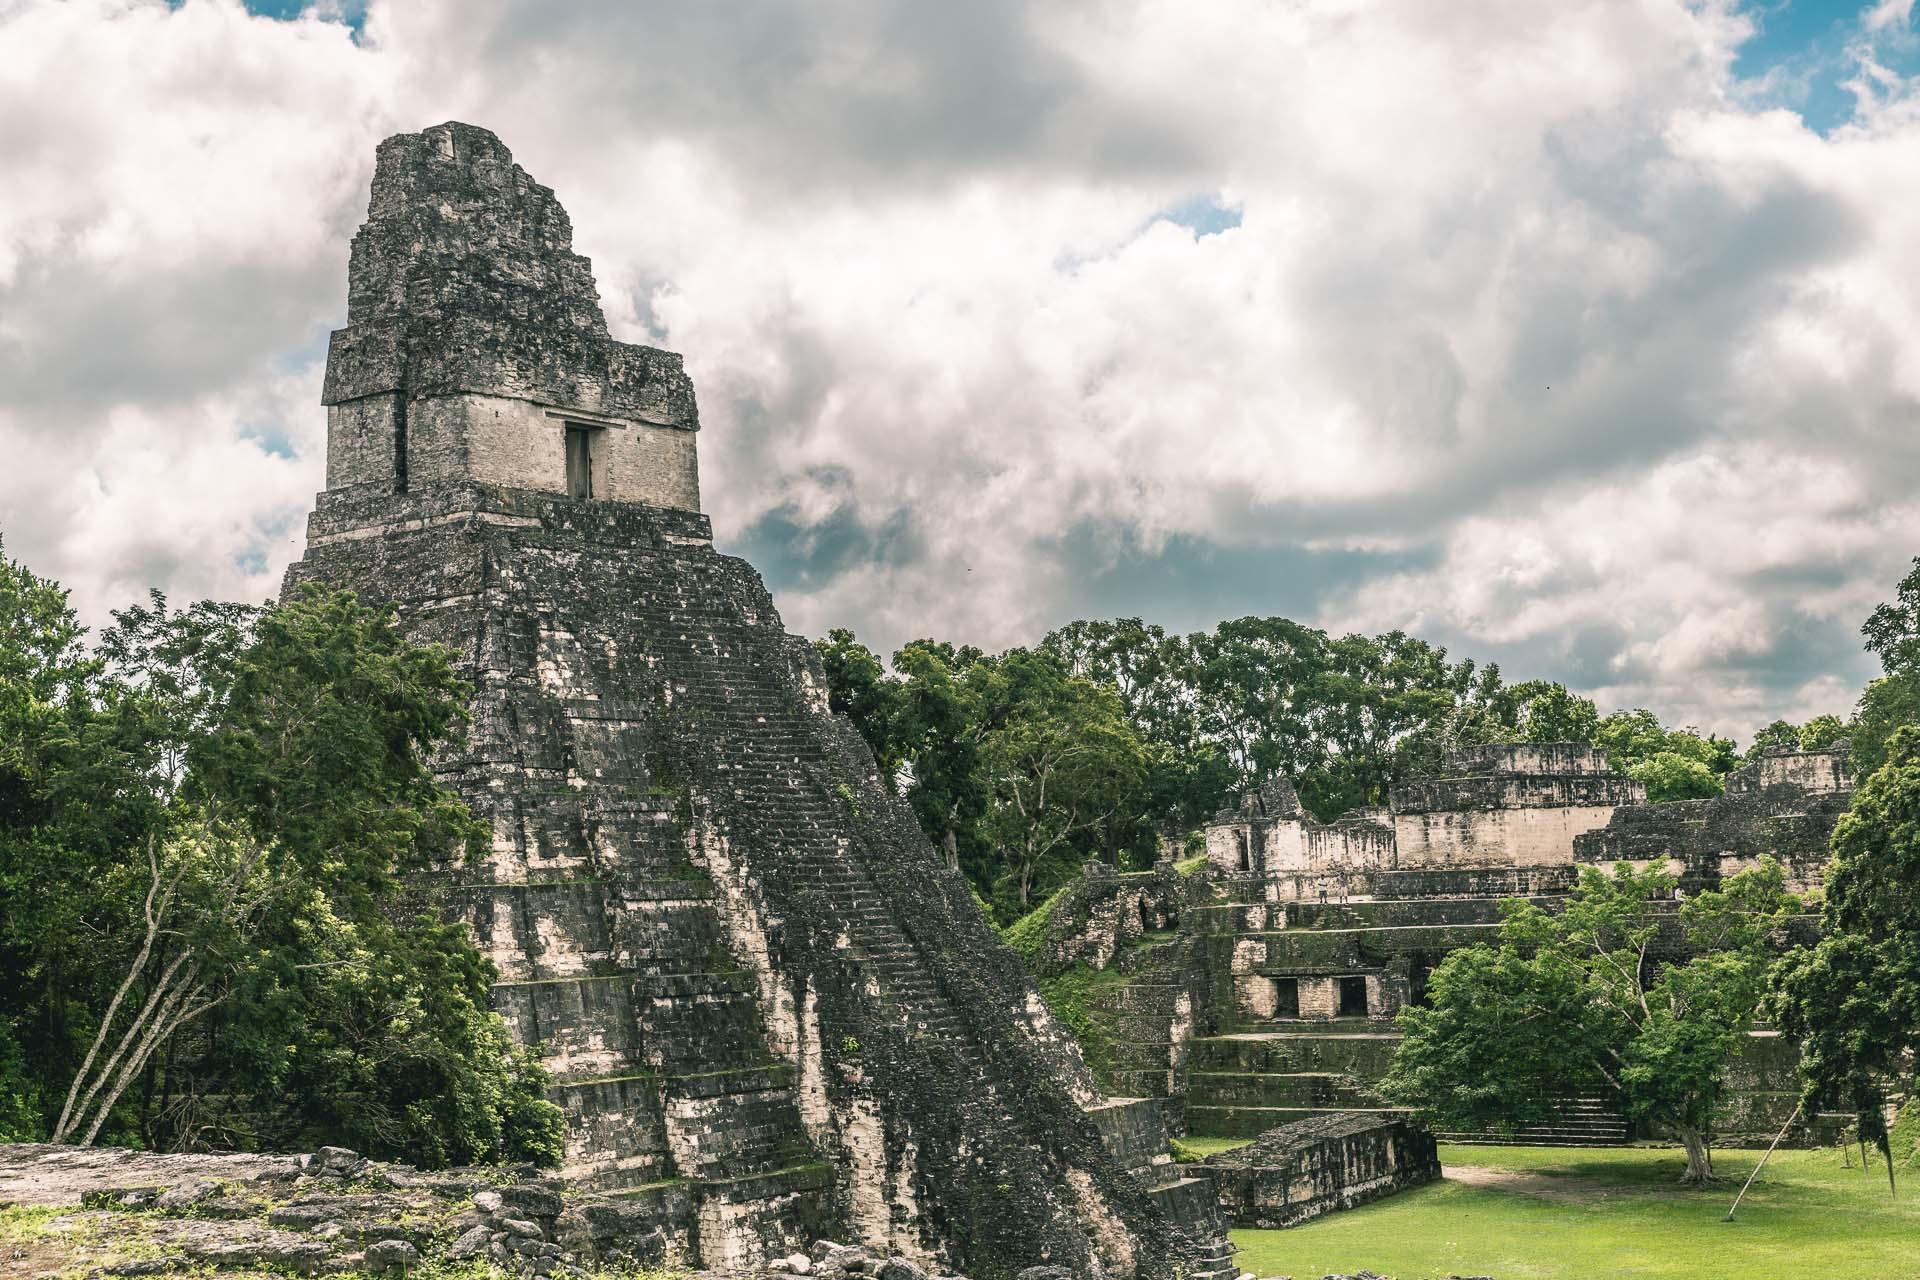 Next up was Tikal!